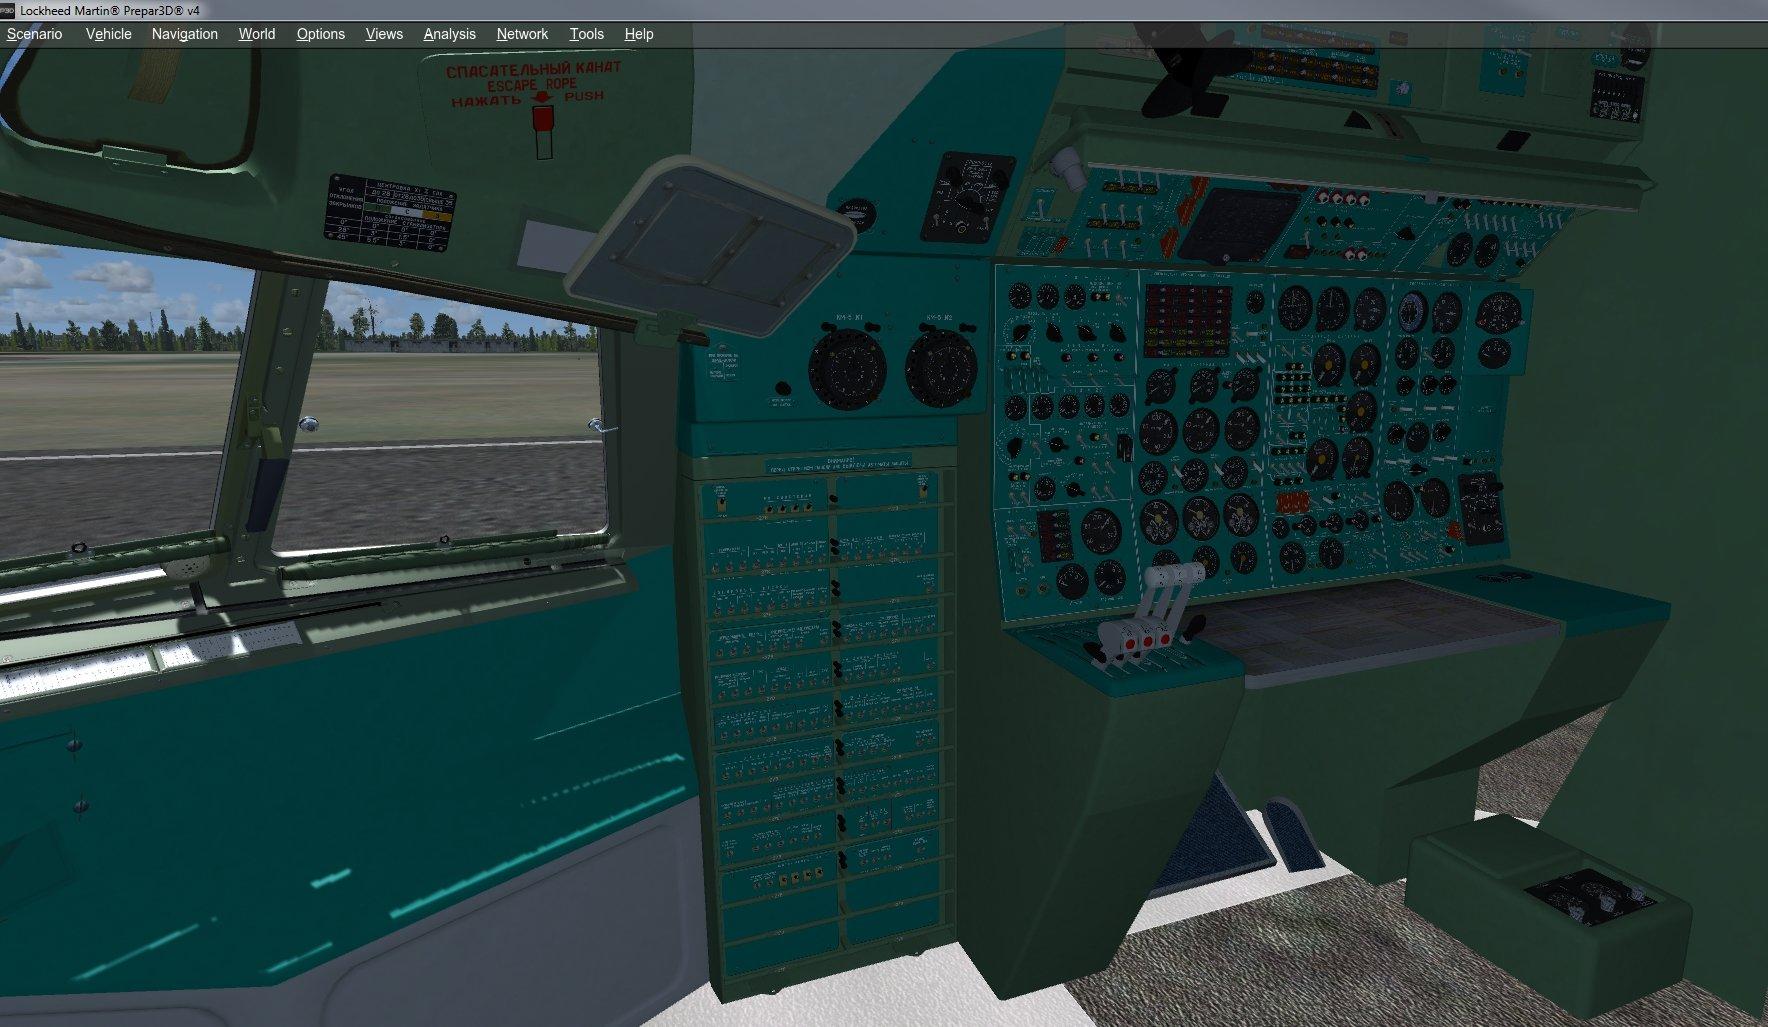 2047927240_2019-10-0313_36_48-LockheedMartinPrepar3Dv4.jpg.c68d63541ef5a1d0c15e7c8a2b769583.jpg